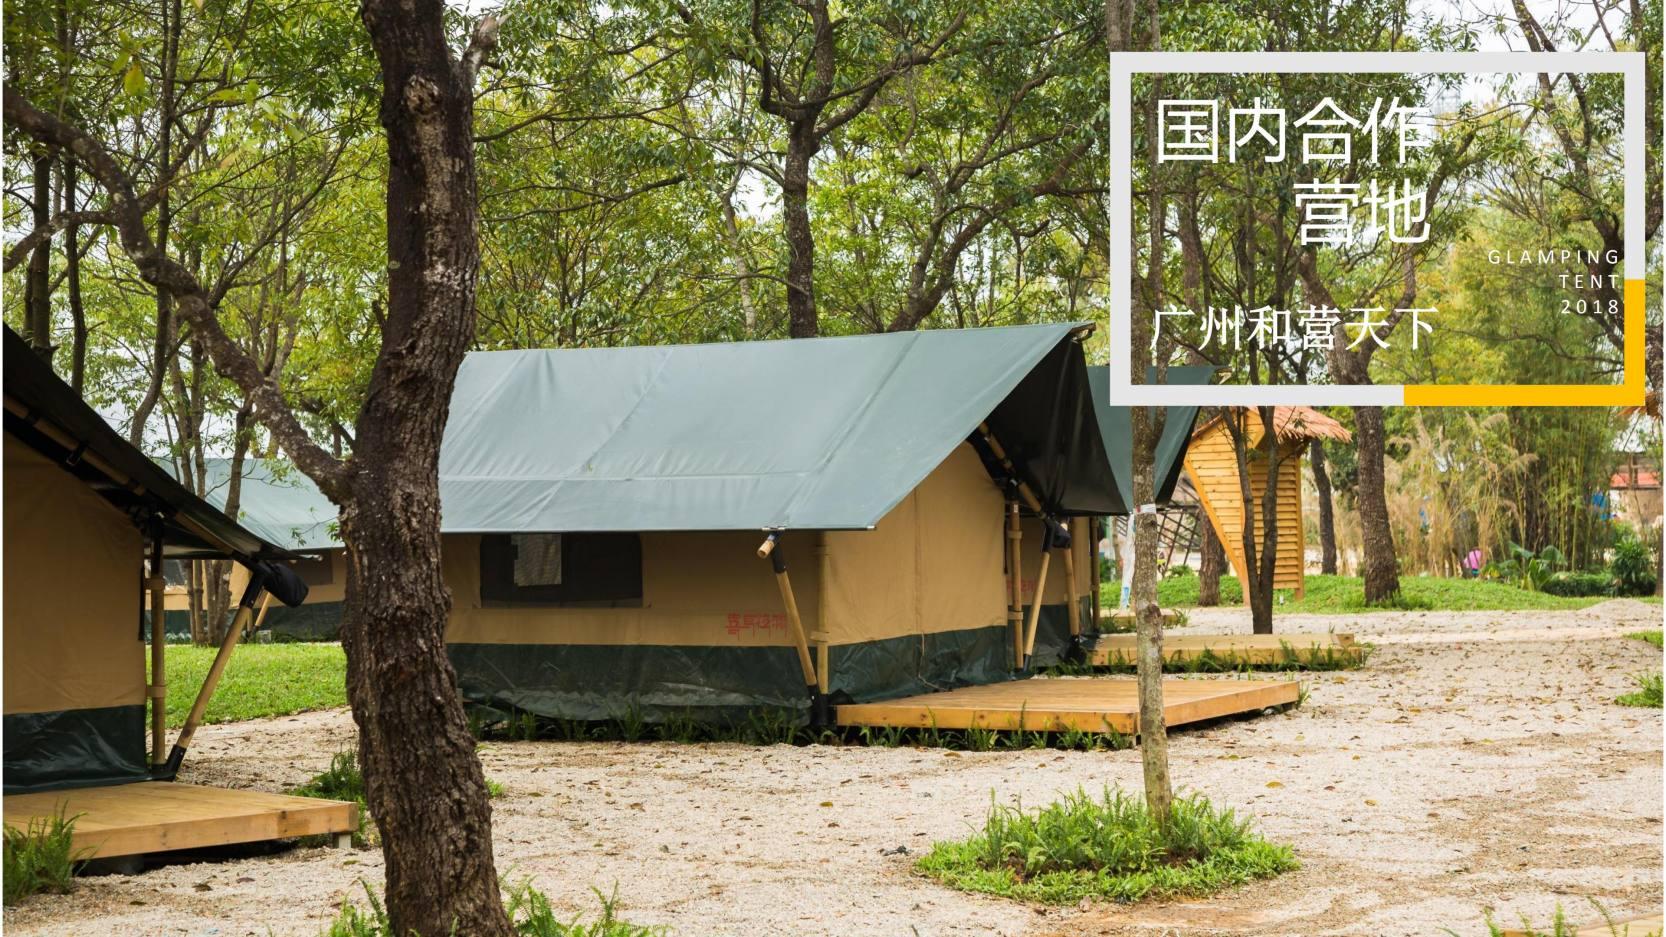 喜马拉雅野奢帐篷 (36)